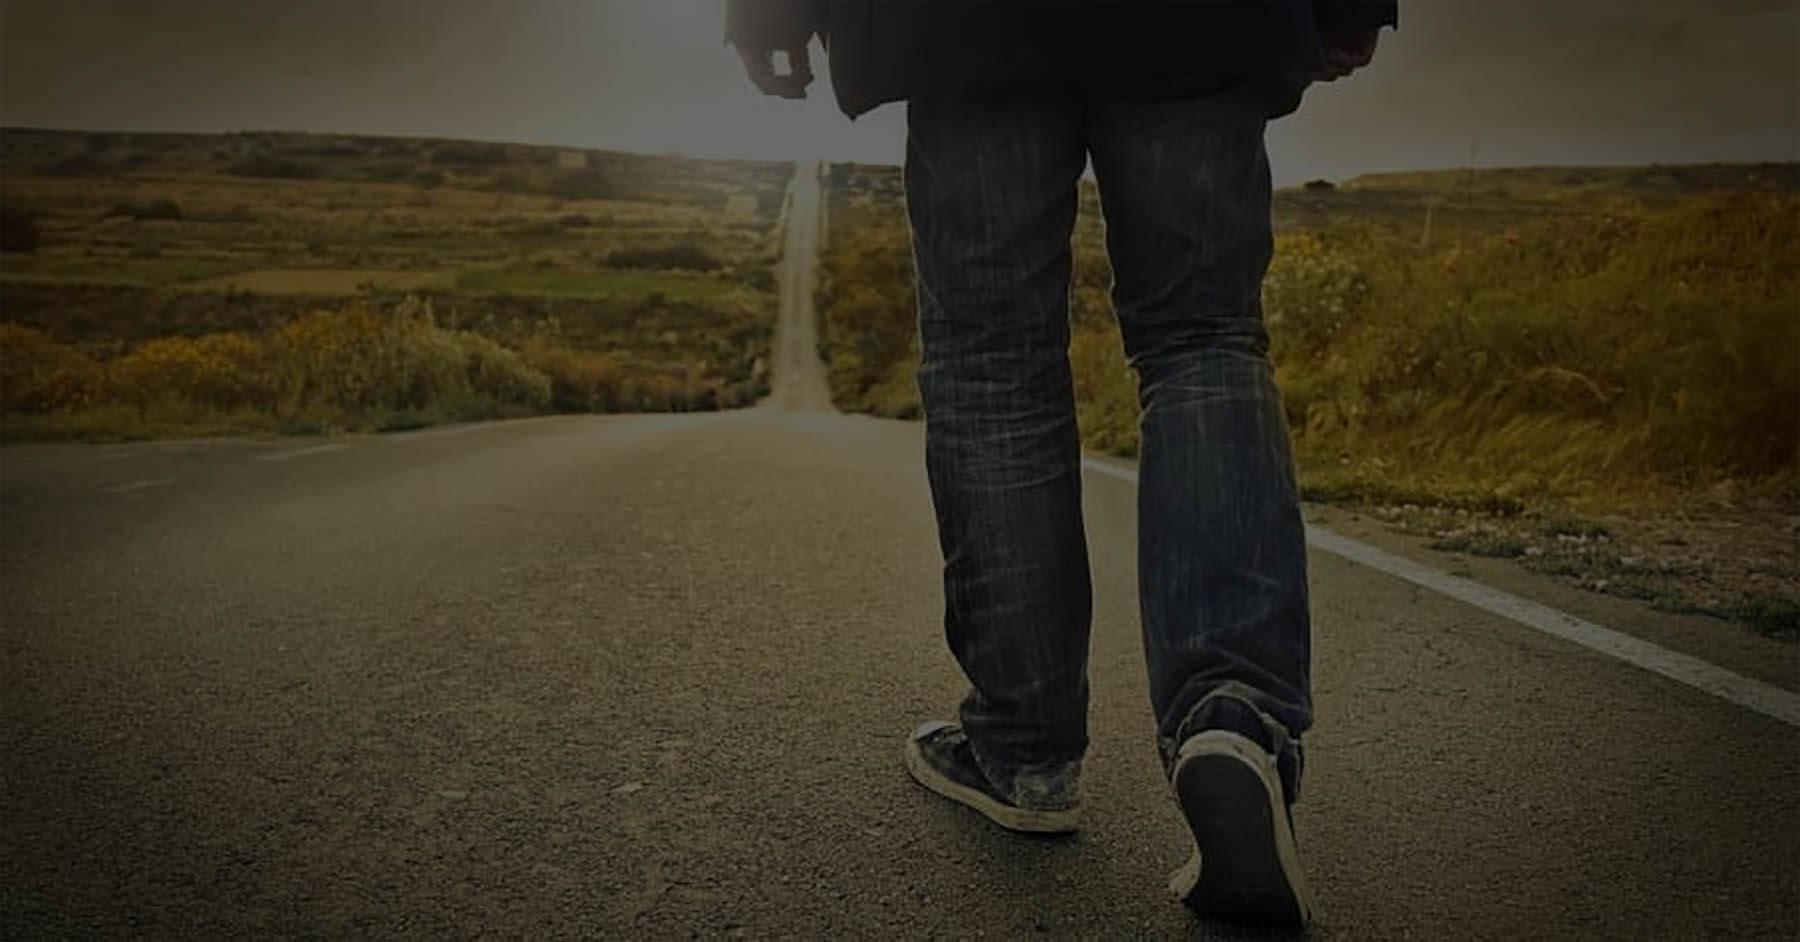 Pessoa caminhando na estrada.